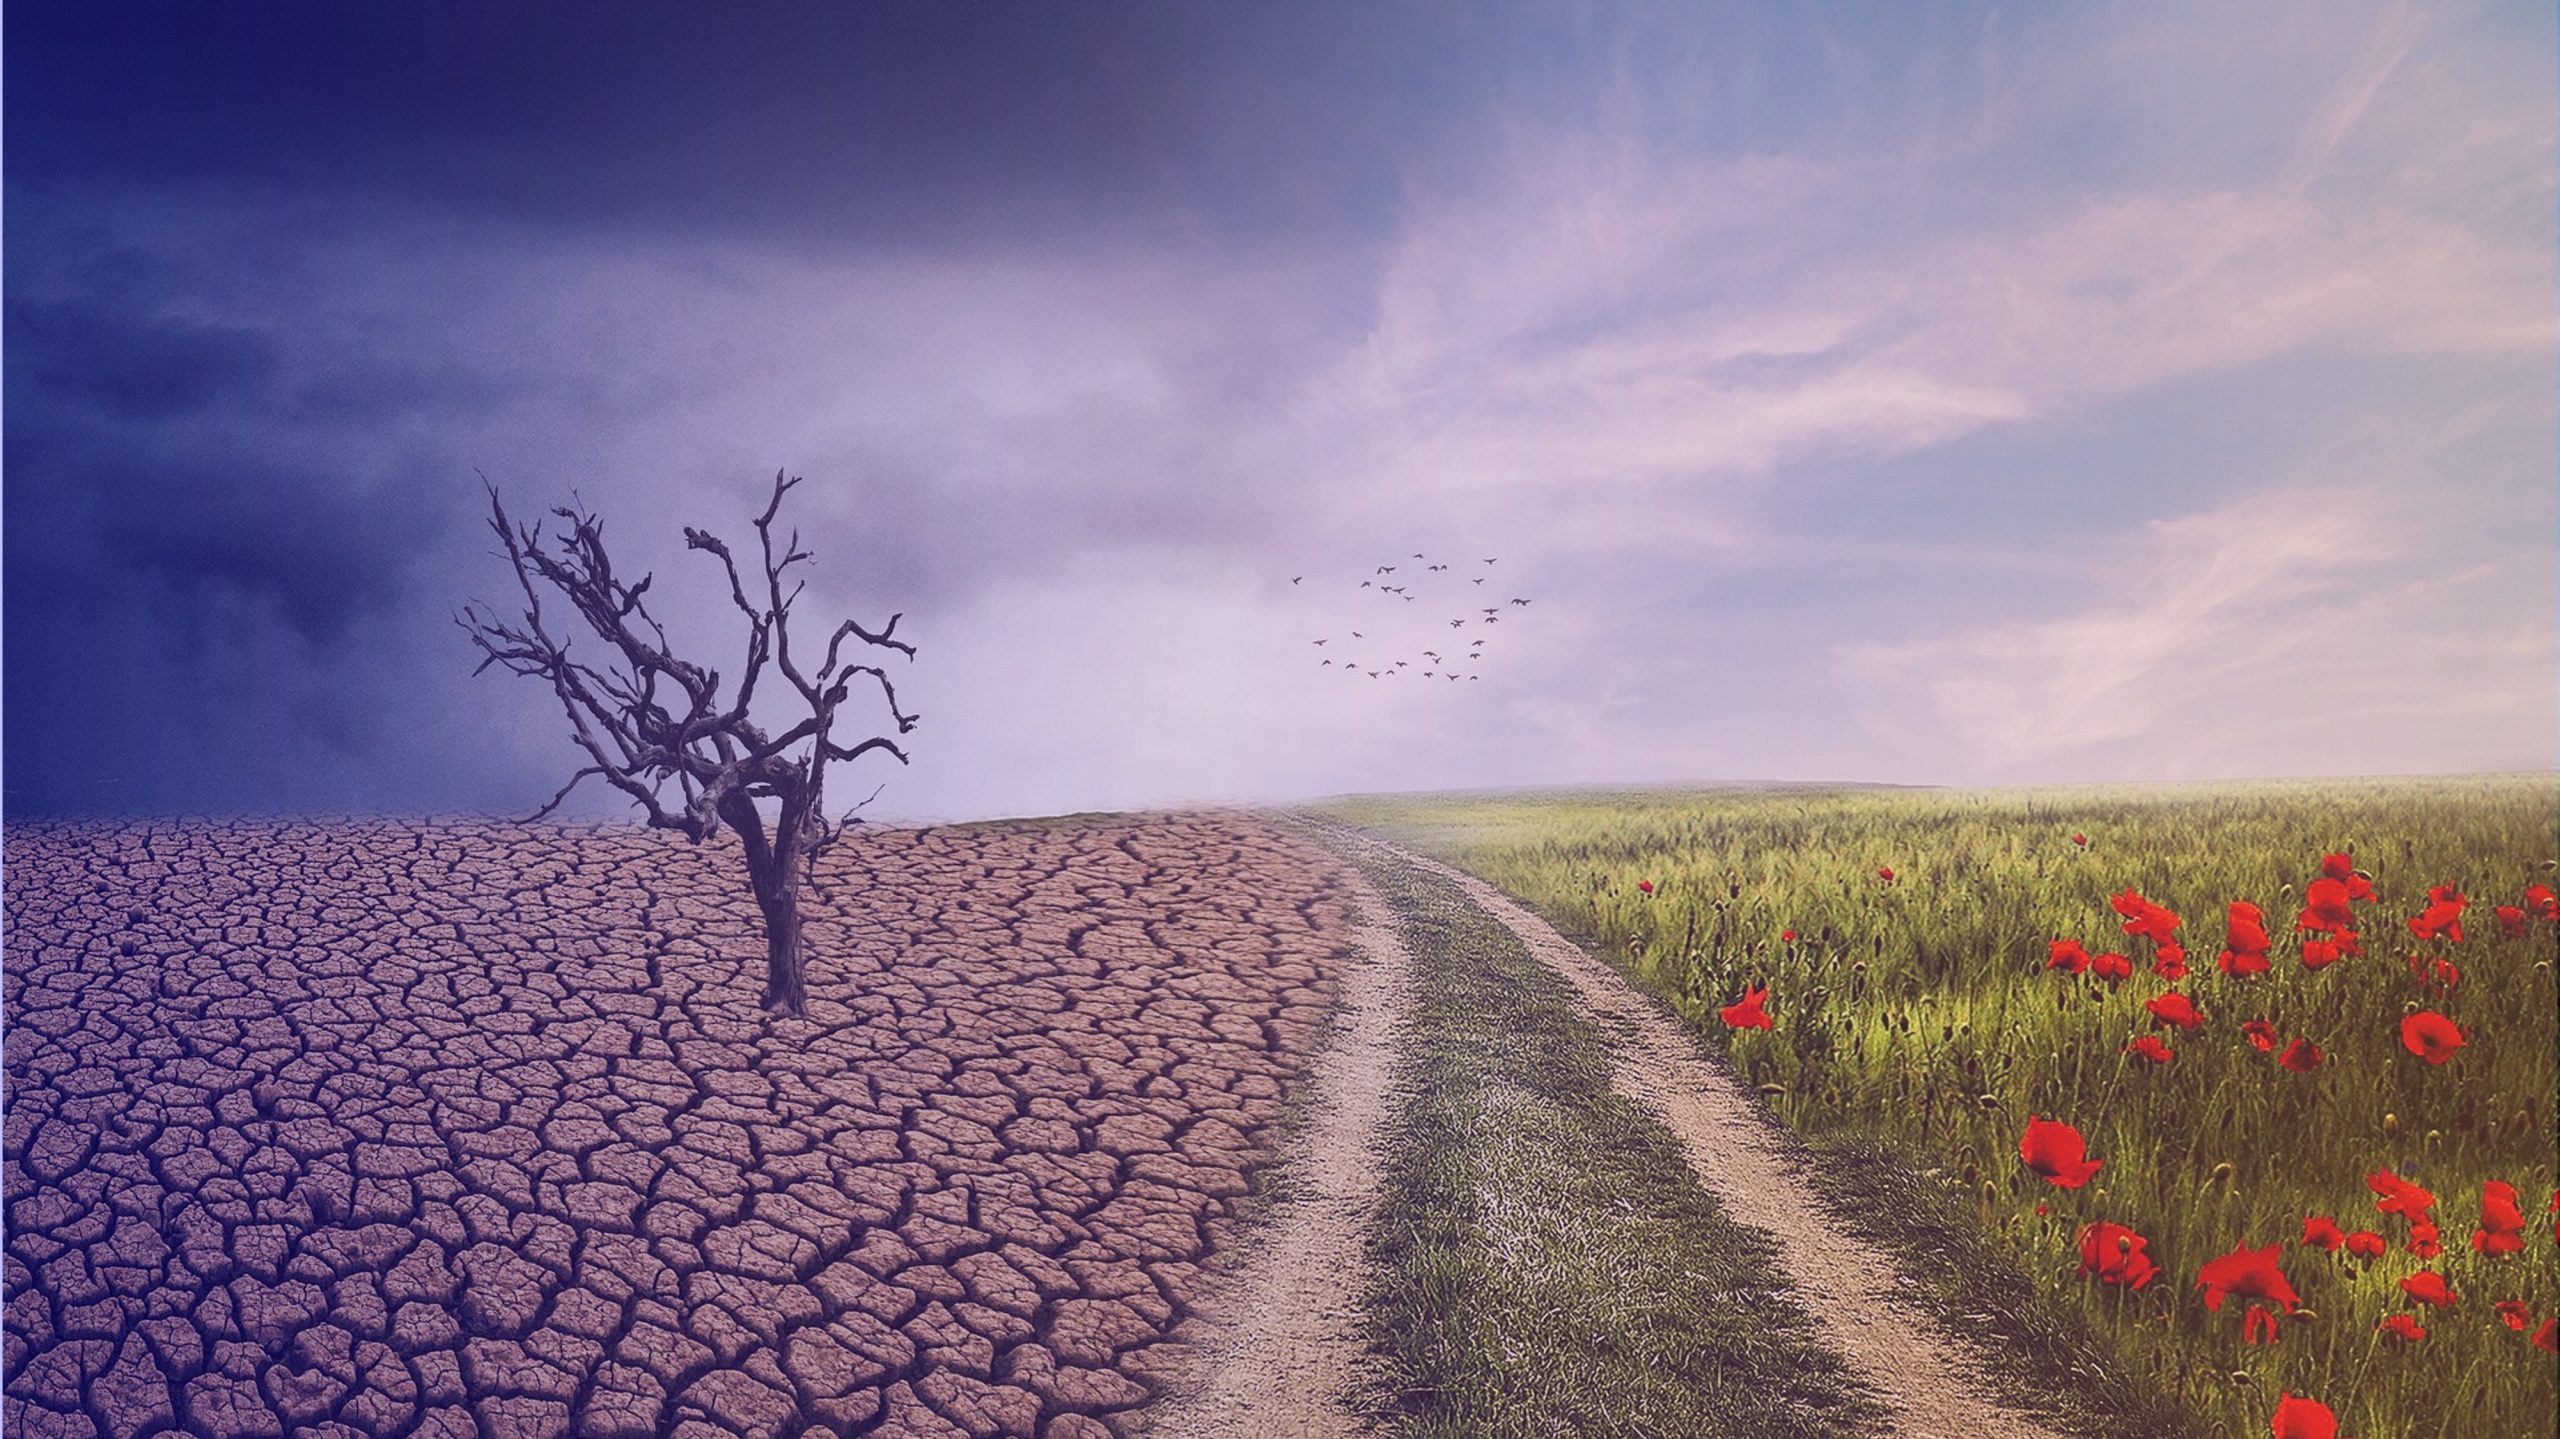 Représentation du deuil à gauche avec la nature morte et à droite avec les fleurs